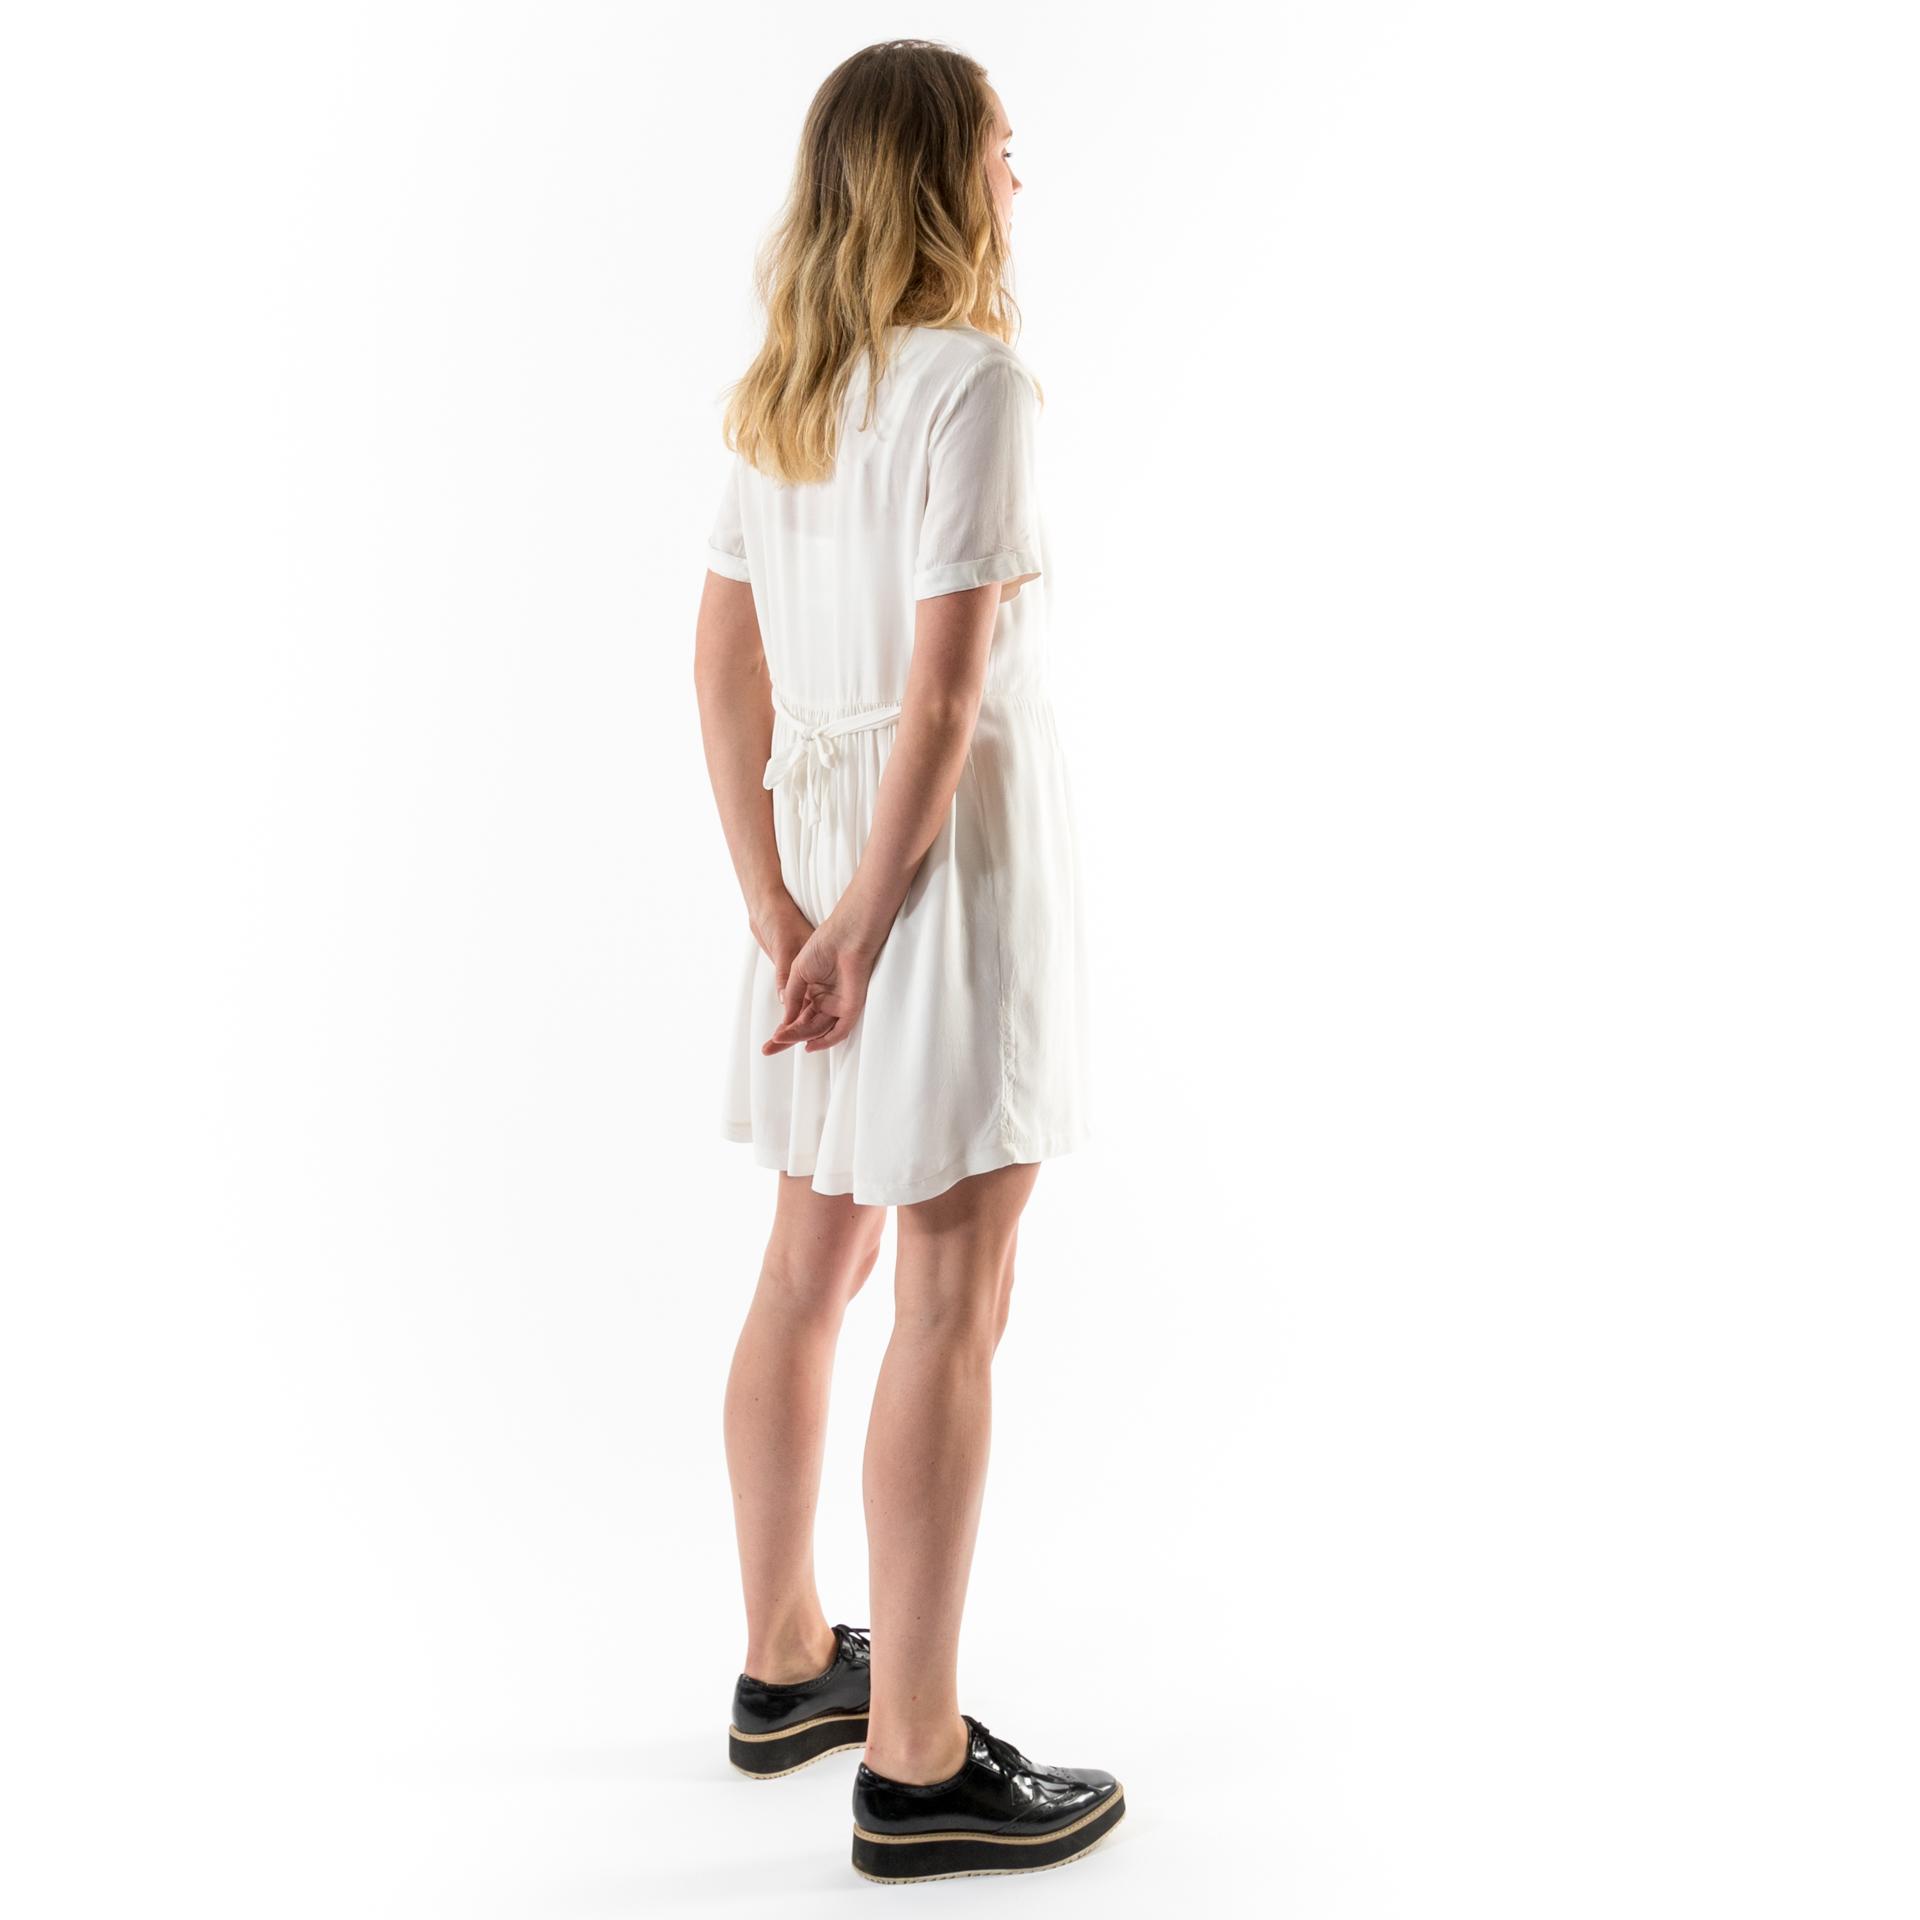 7c30c4b583 Kim Sassen Clothing Farm Girl Dress White Back Side Full